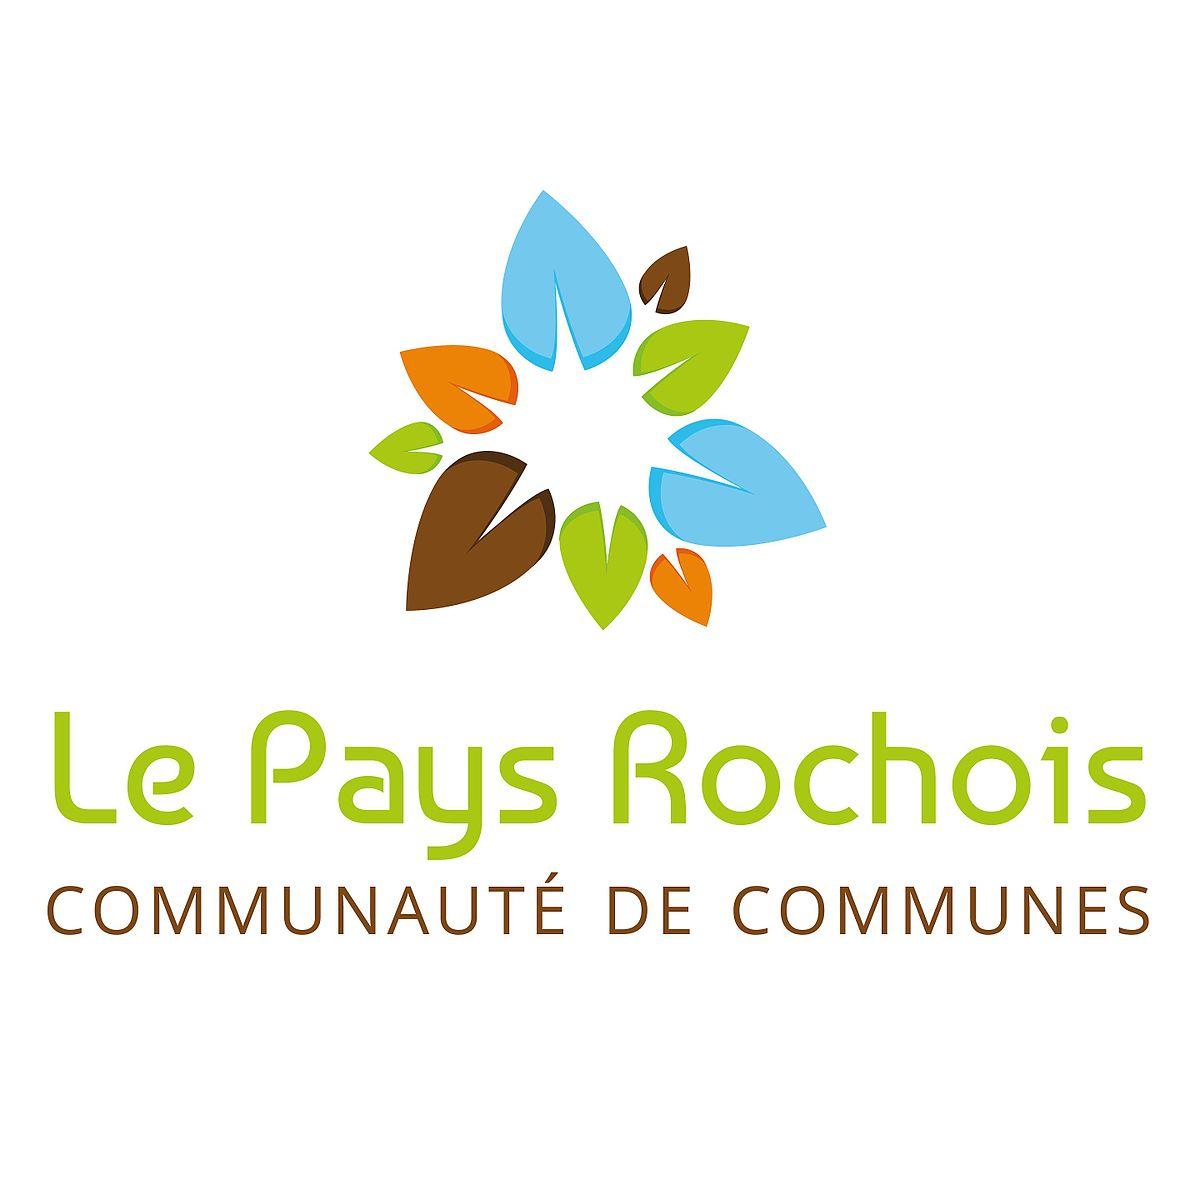 Communaut de communes du pays rochois haute savoie for Le journal du pays d auge